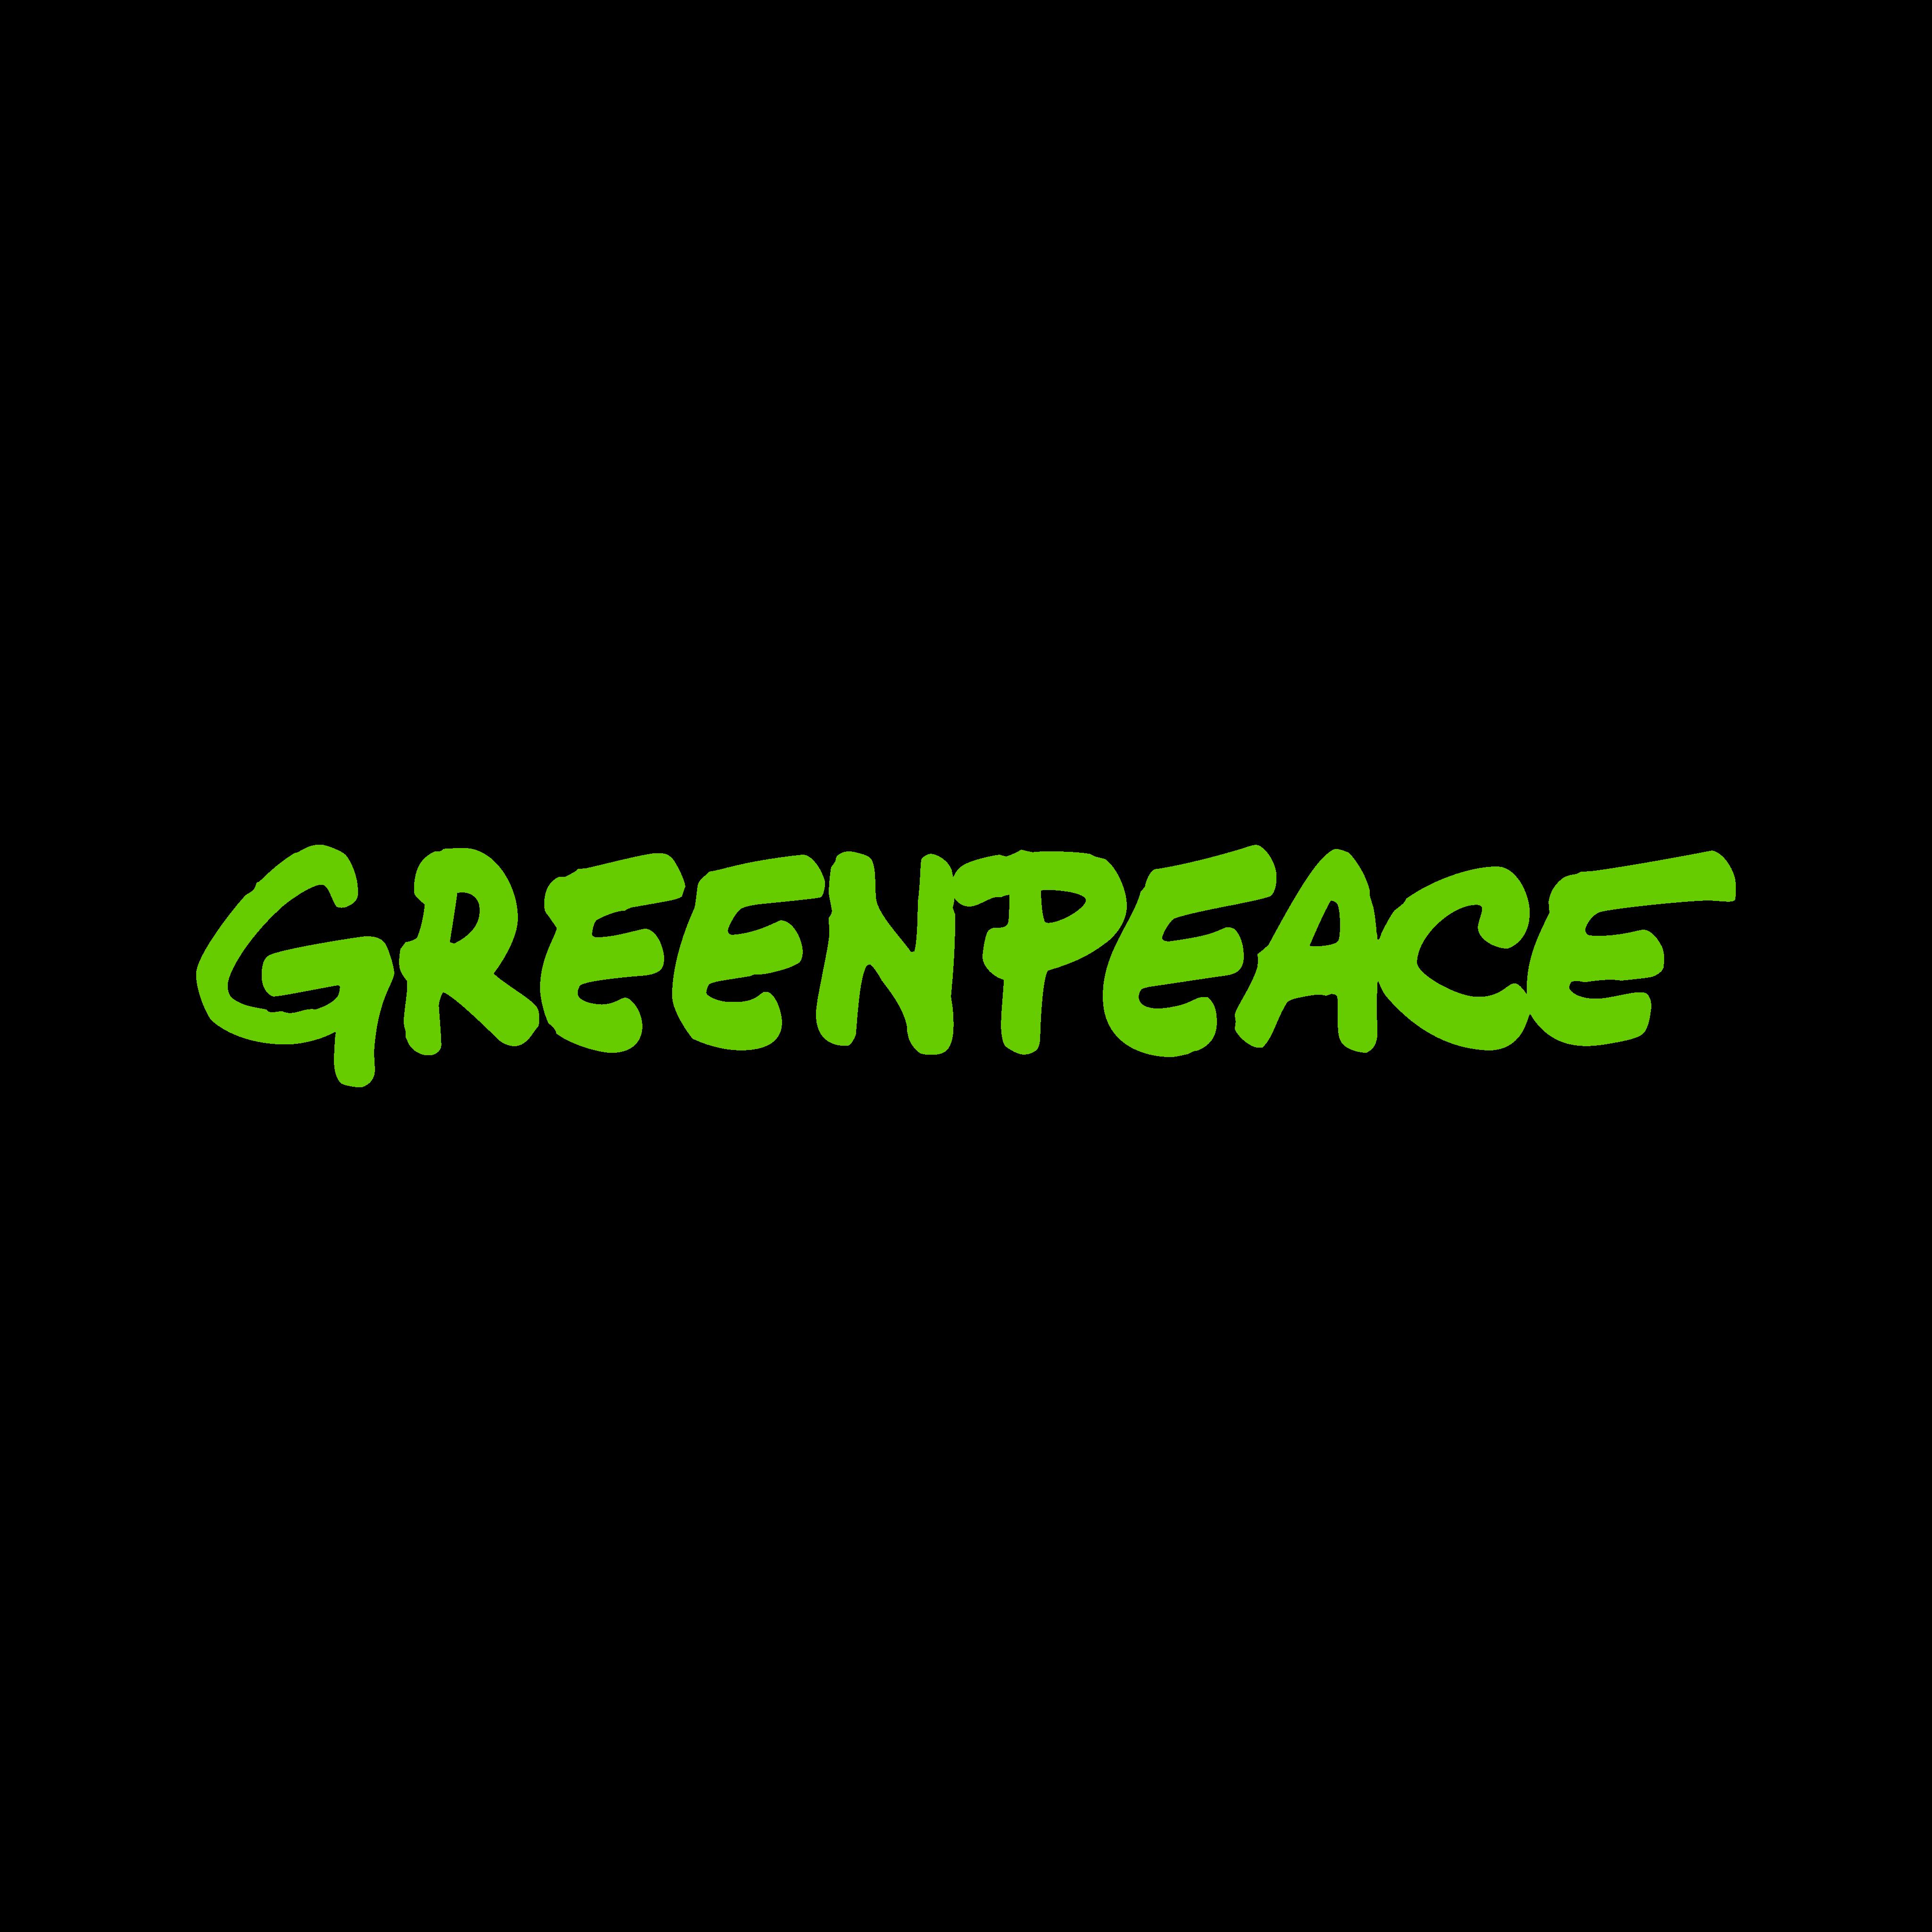 Greenpeace logo PNG.